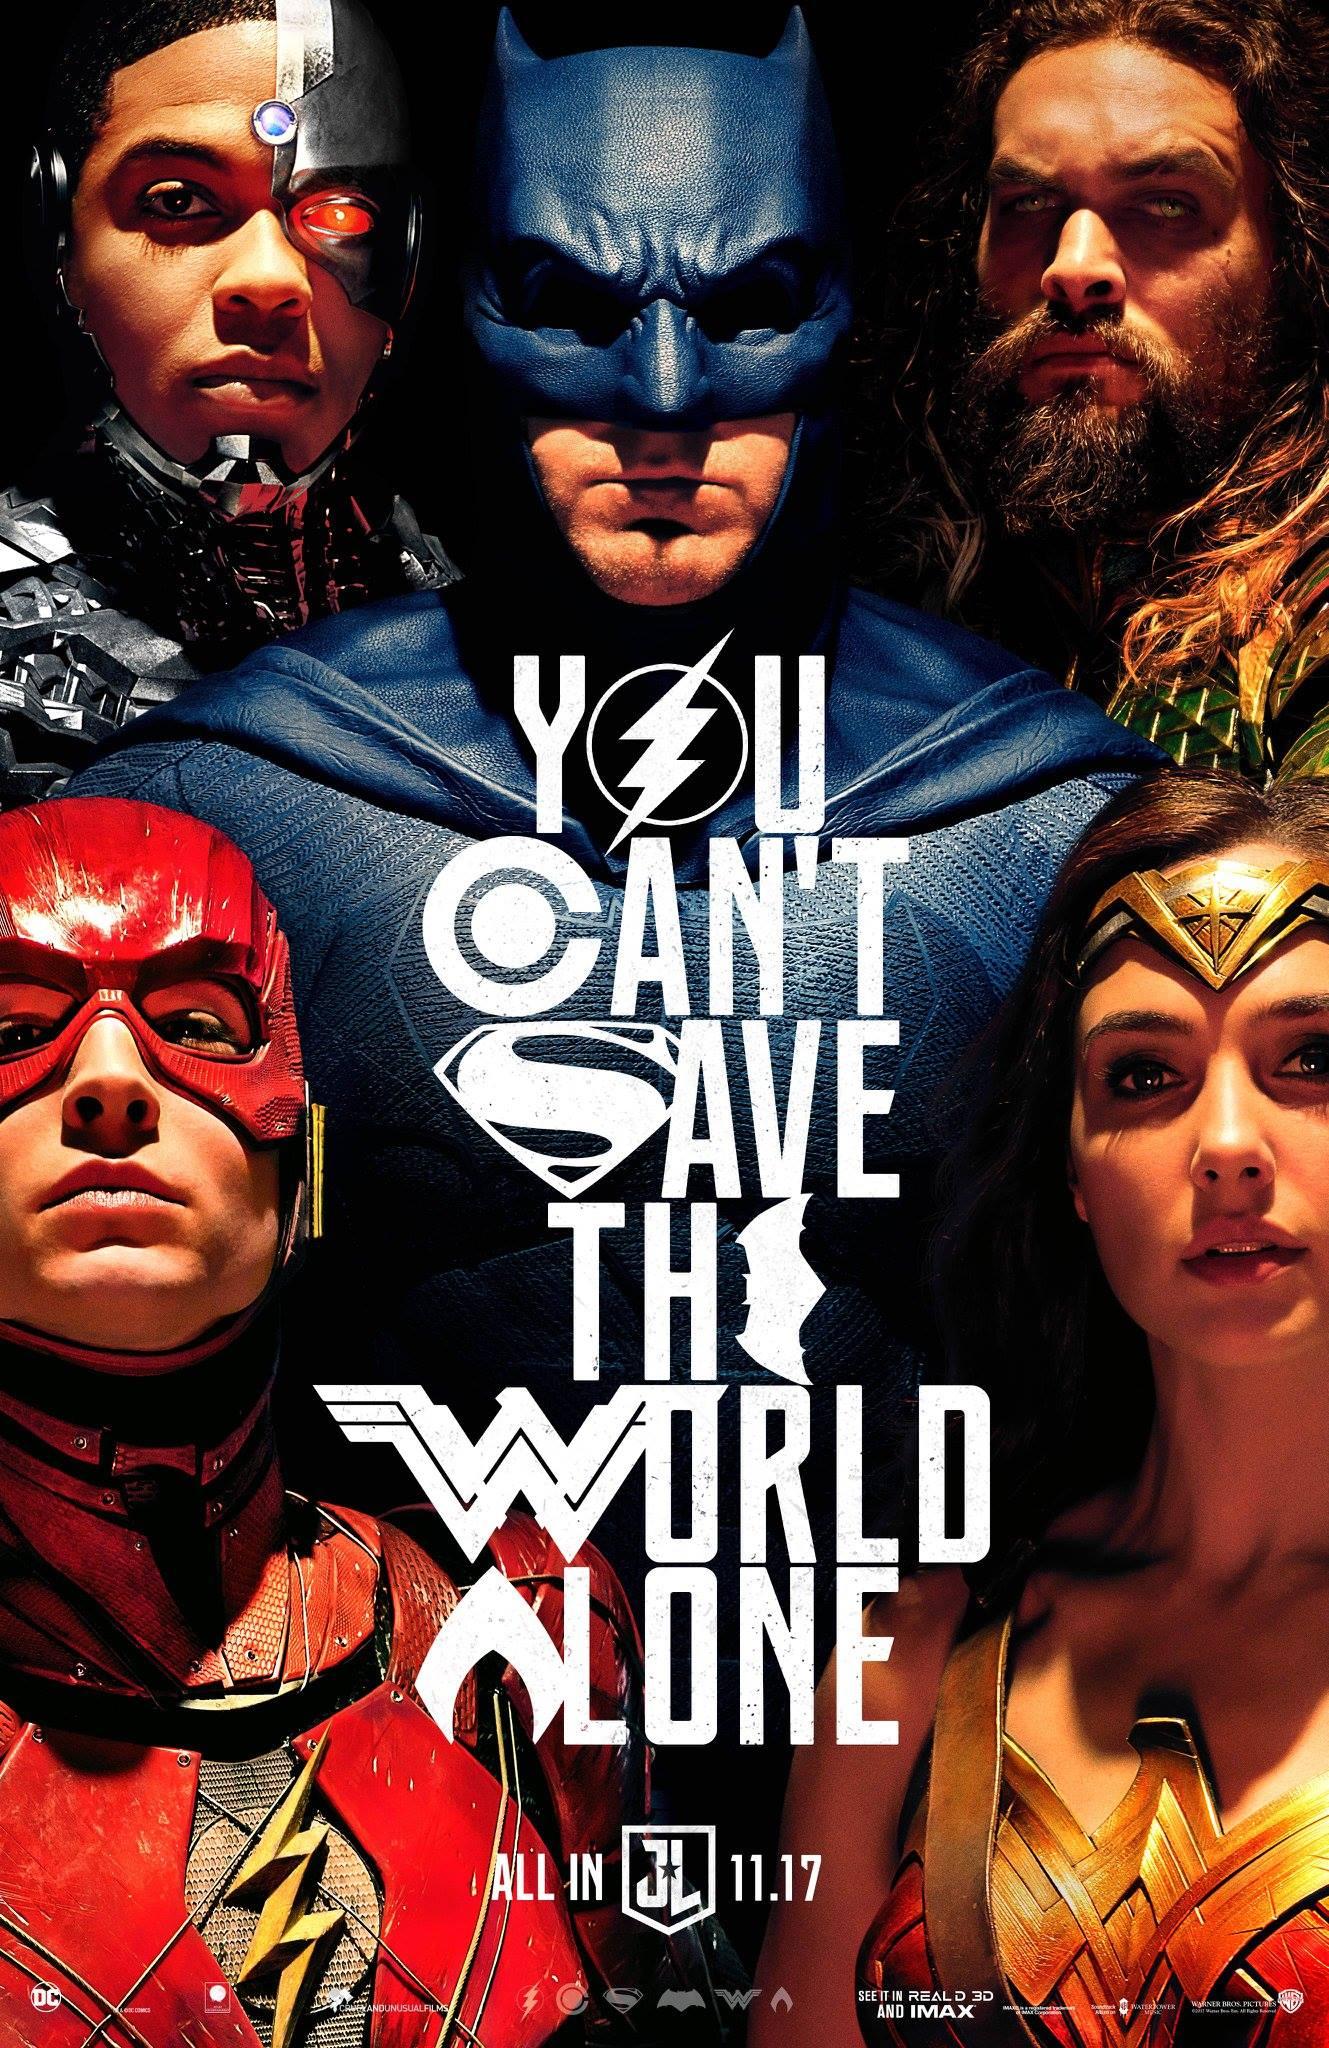 La liga de la justicia Comic Con póster